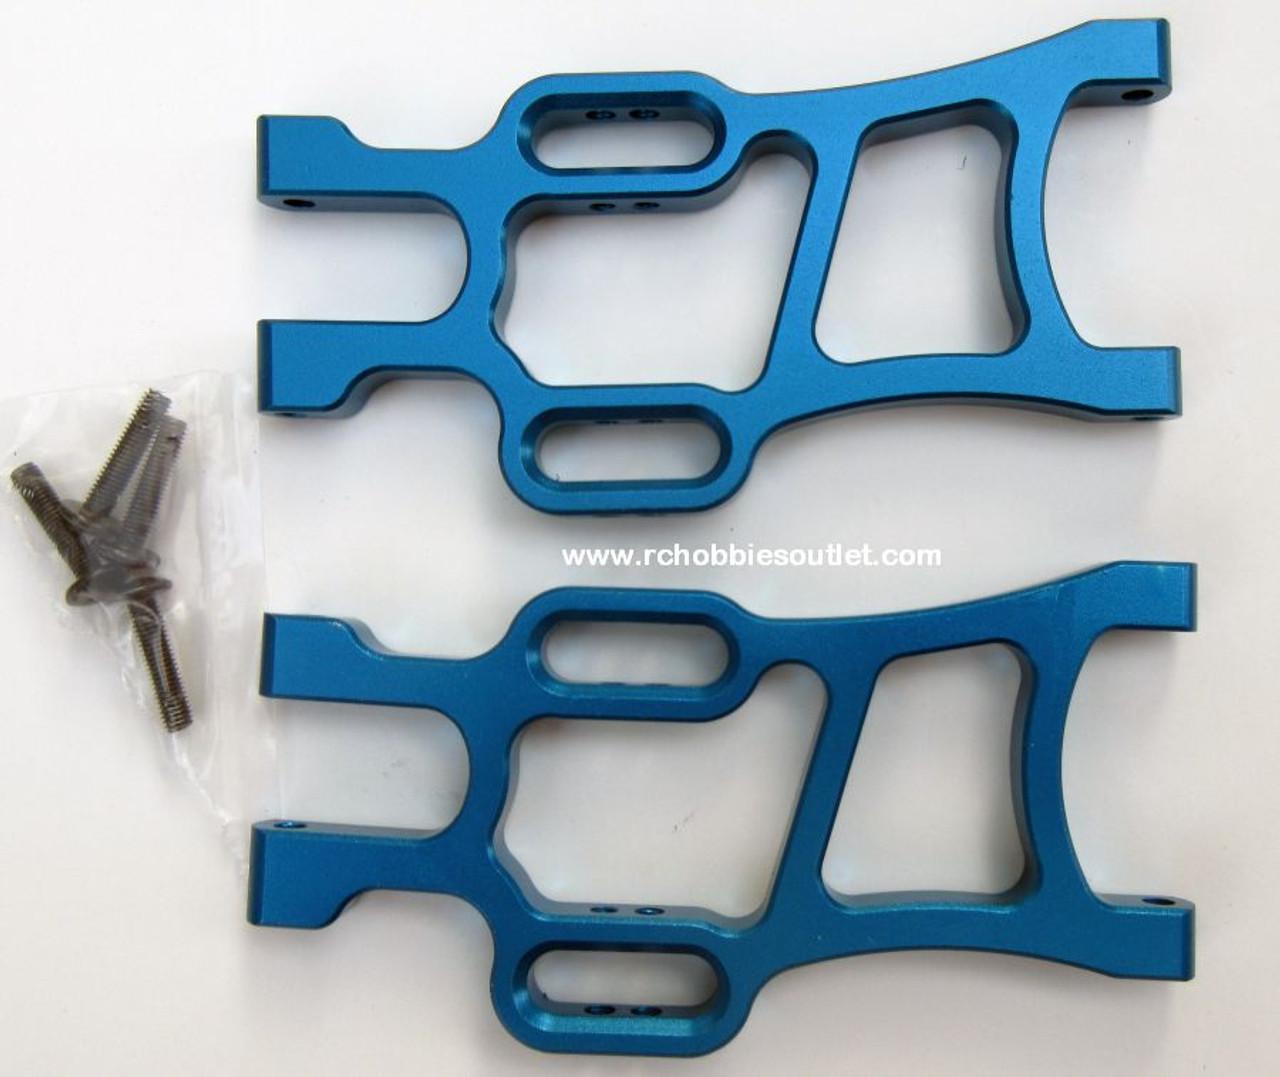 108821, 08056  108021  Blue  Aluminum Rear Lower Suspension Arm HSP Redcat ETC